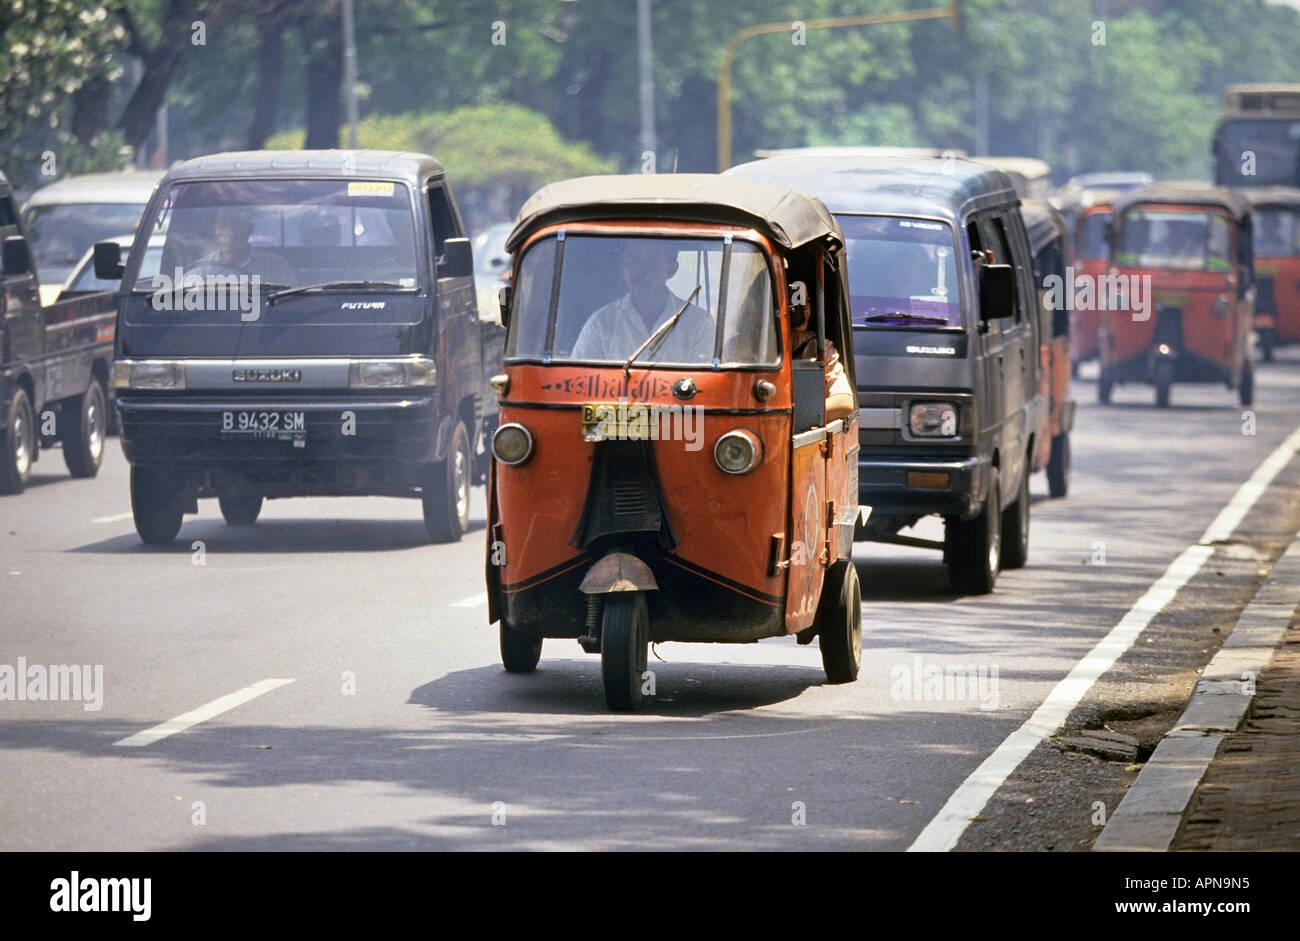 An orange bajaj 3 wheeled motor scooter in traffic on a busy